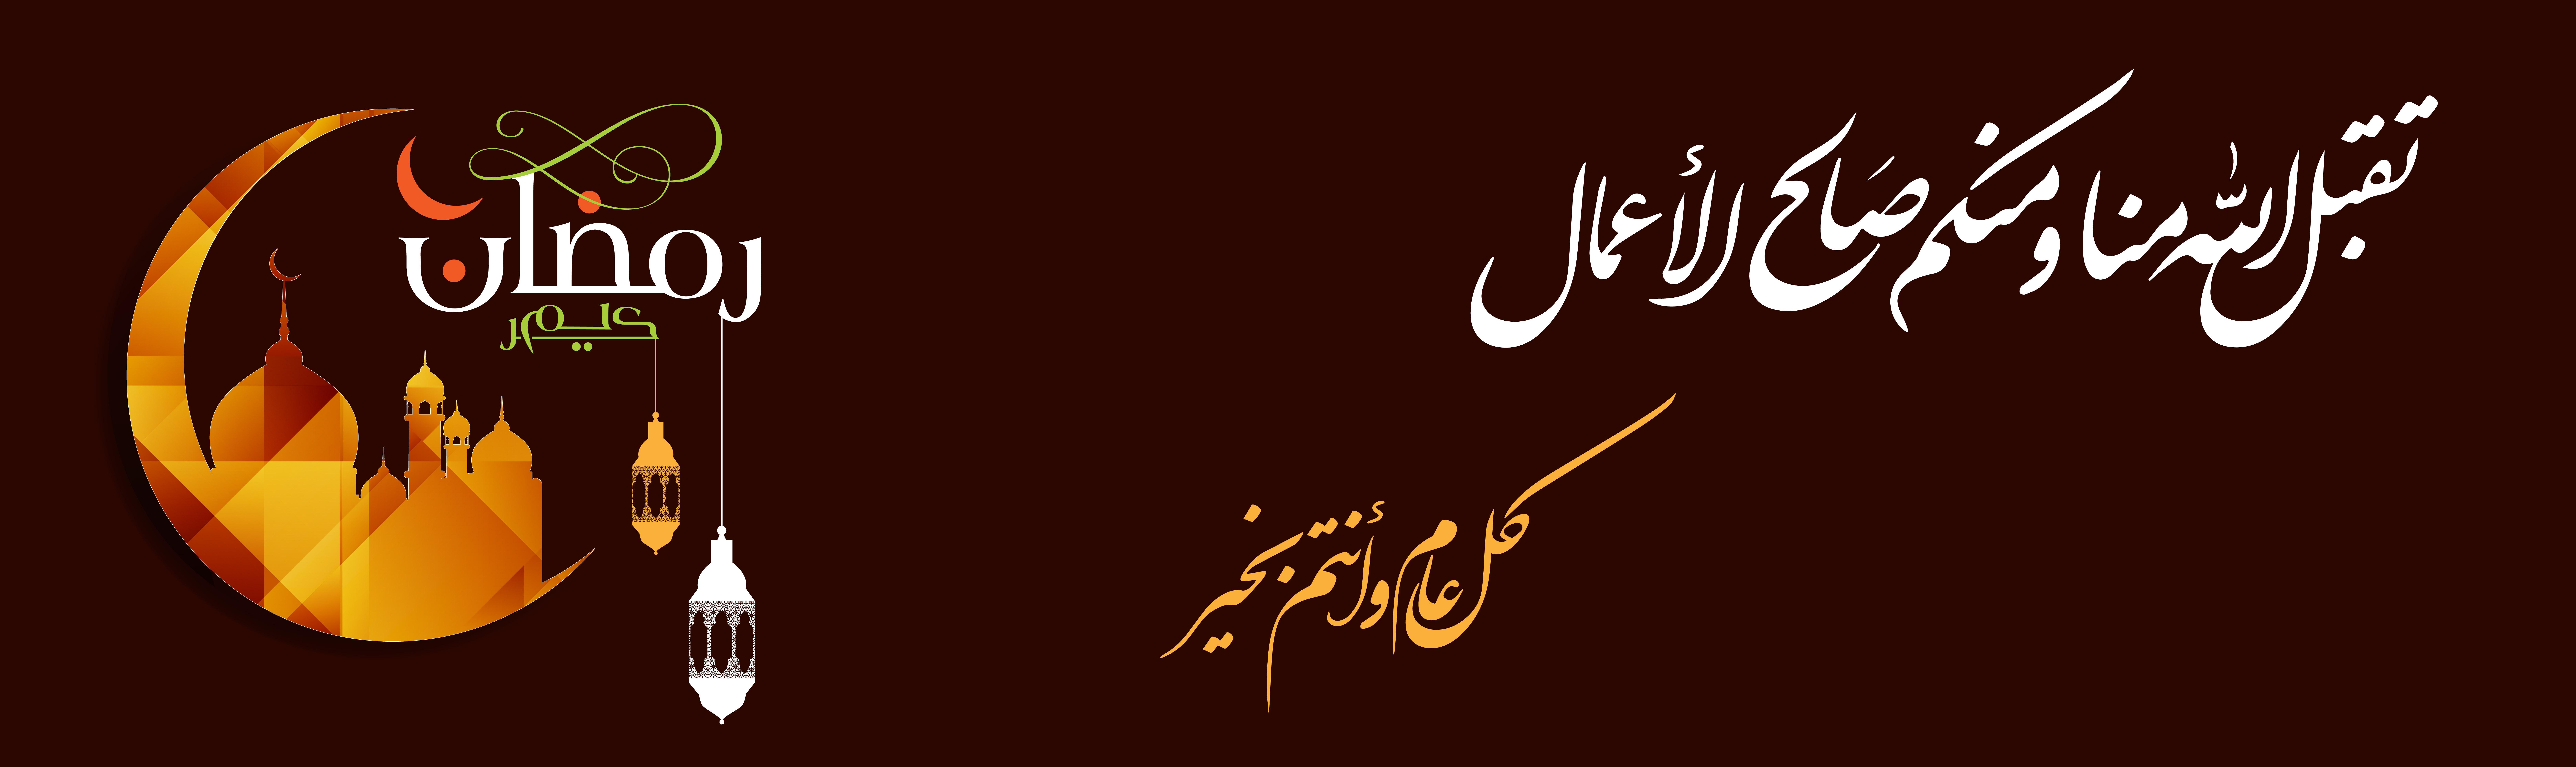 رمضان كريم - يتقدم عميد المعهد بخالص...